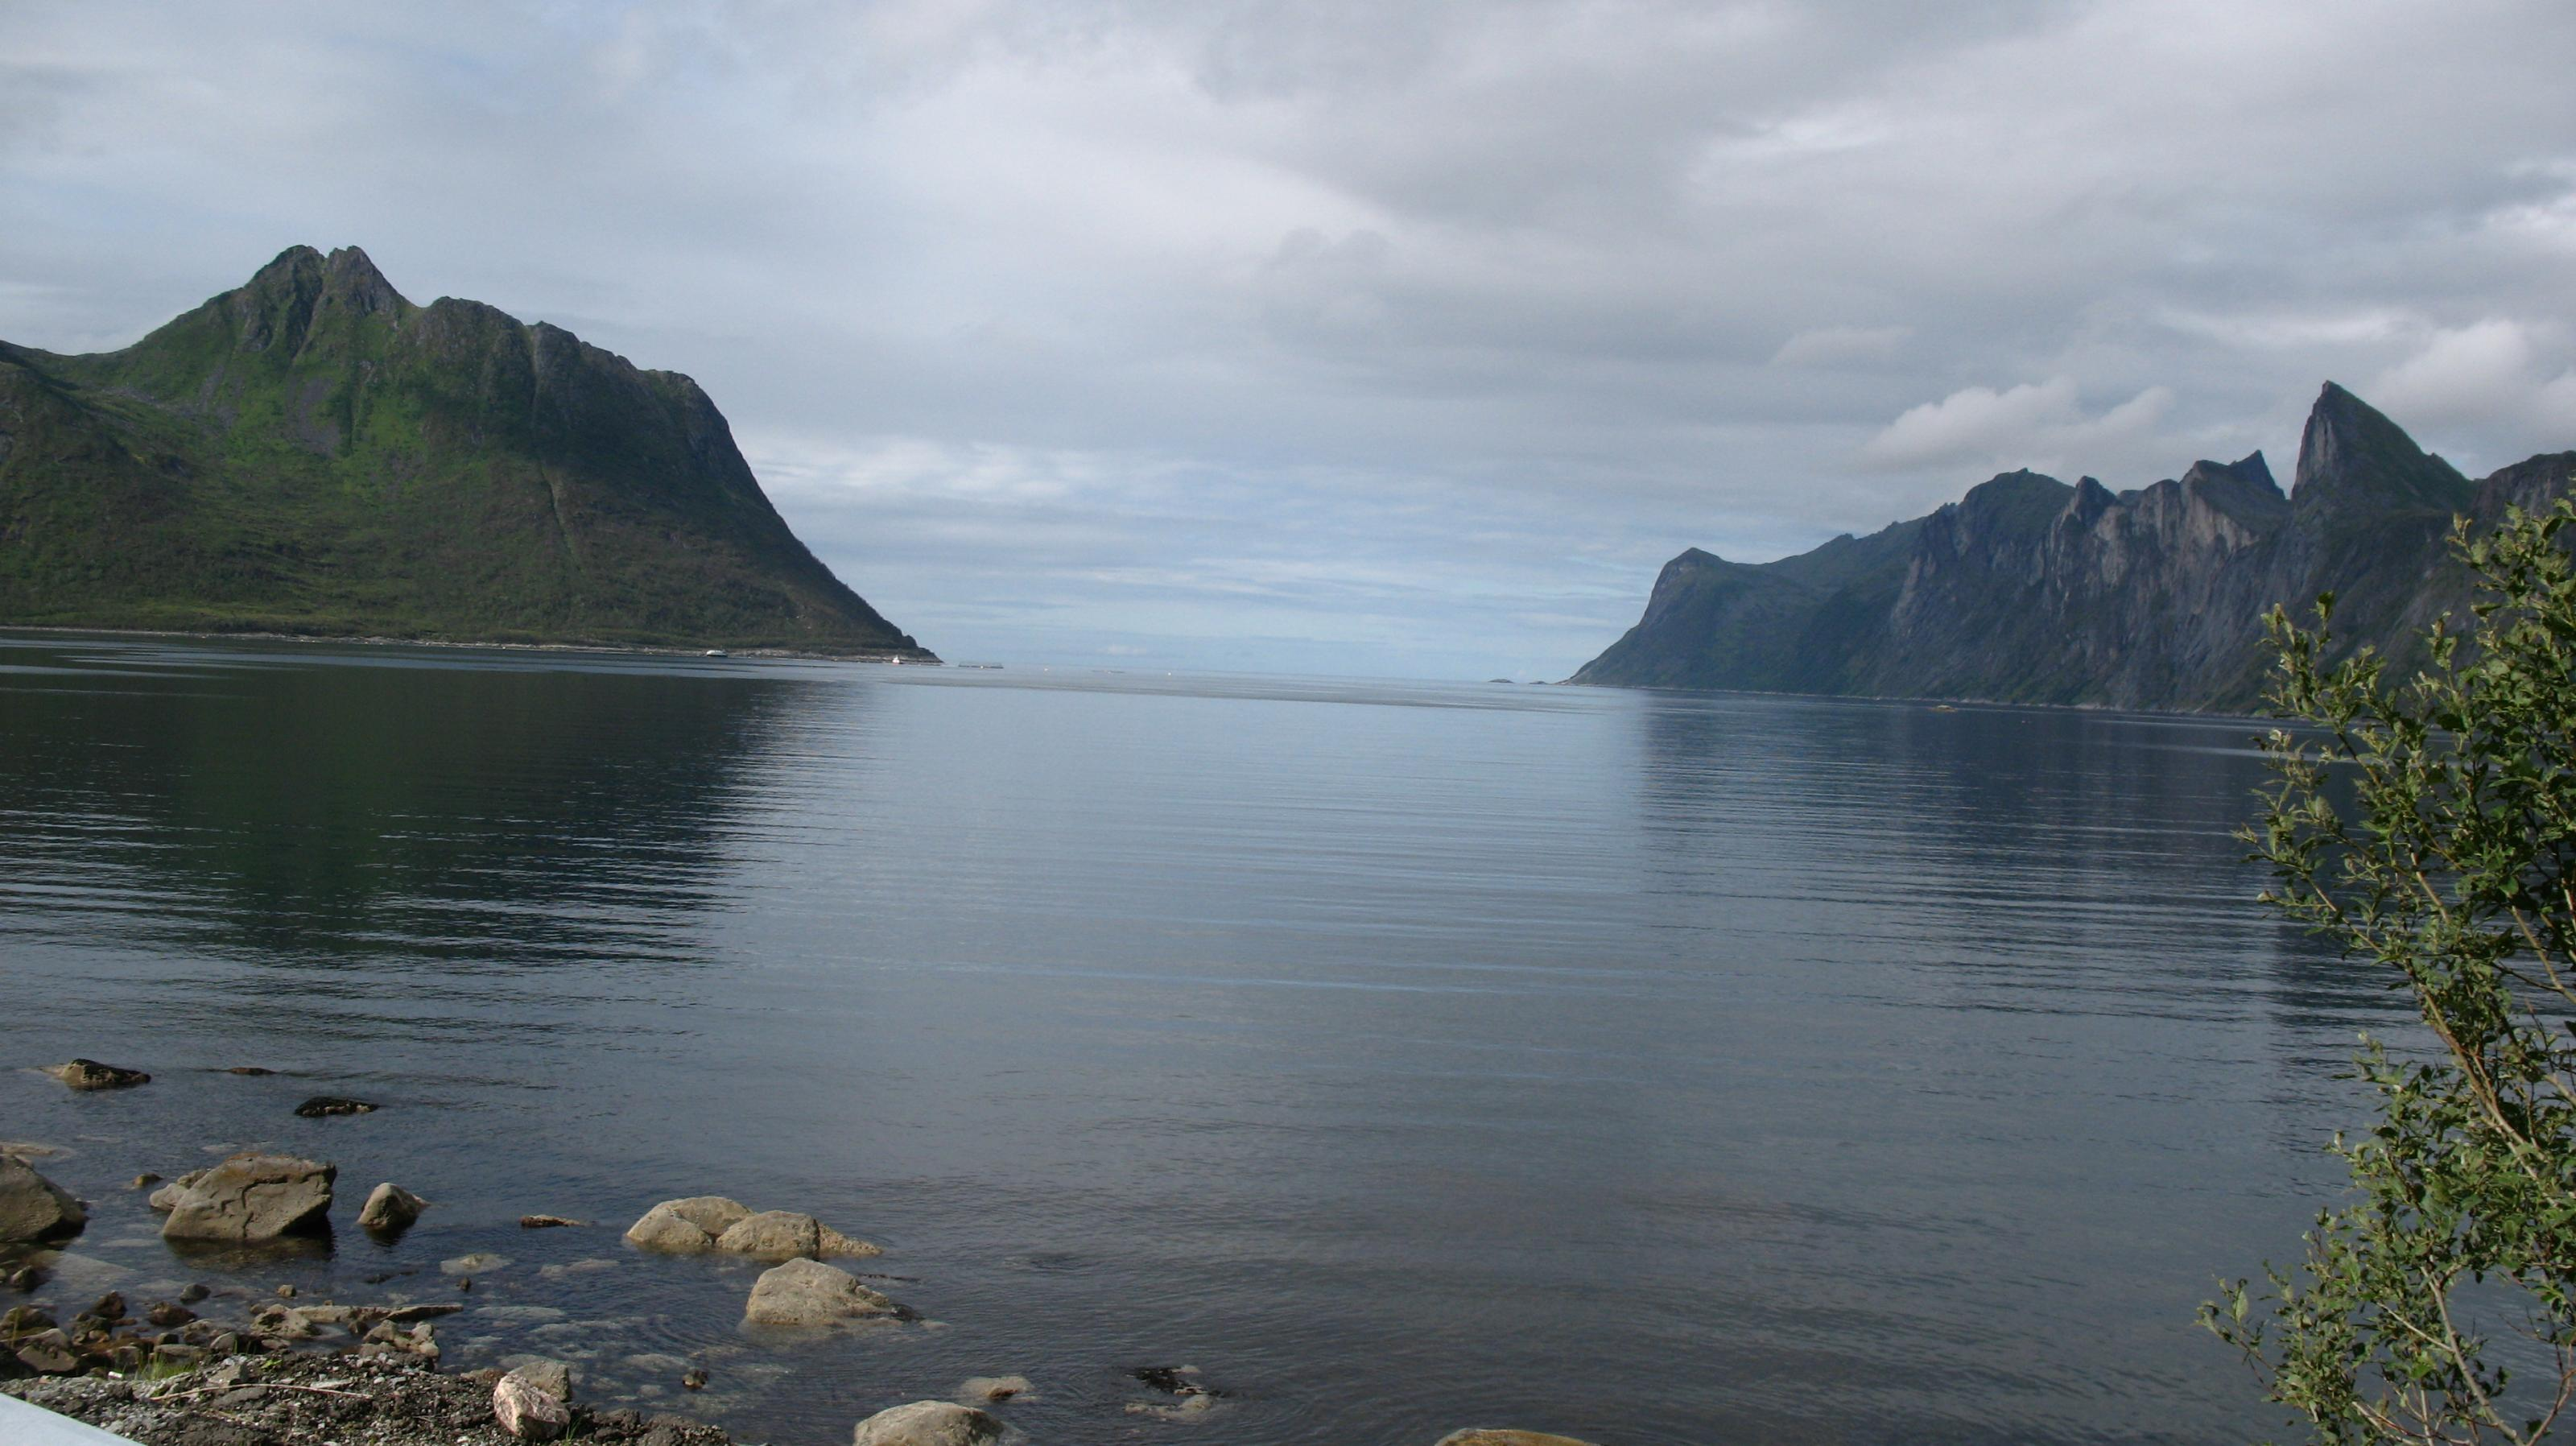 2015-08-nordkap-tour-908.jpg